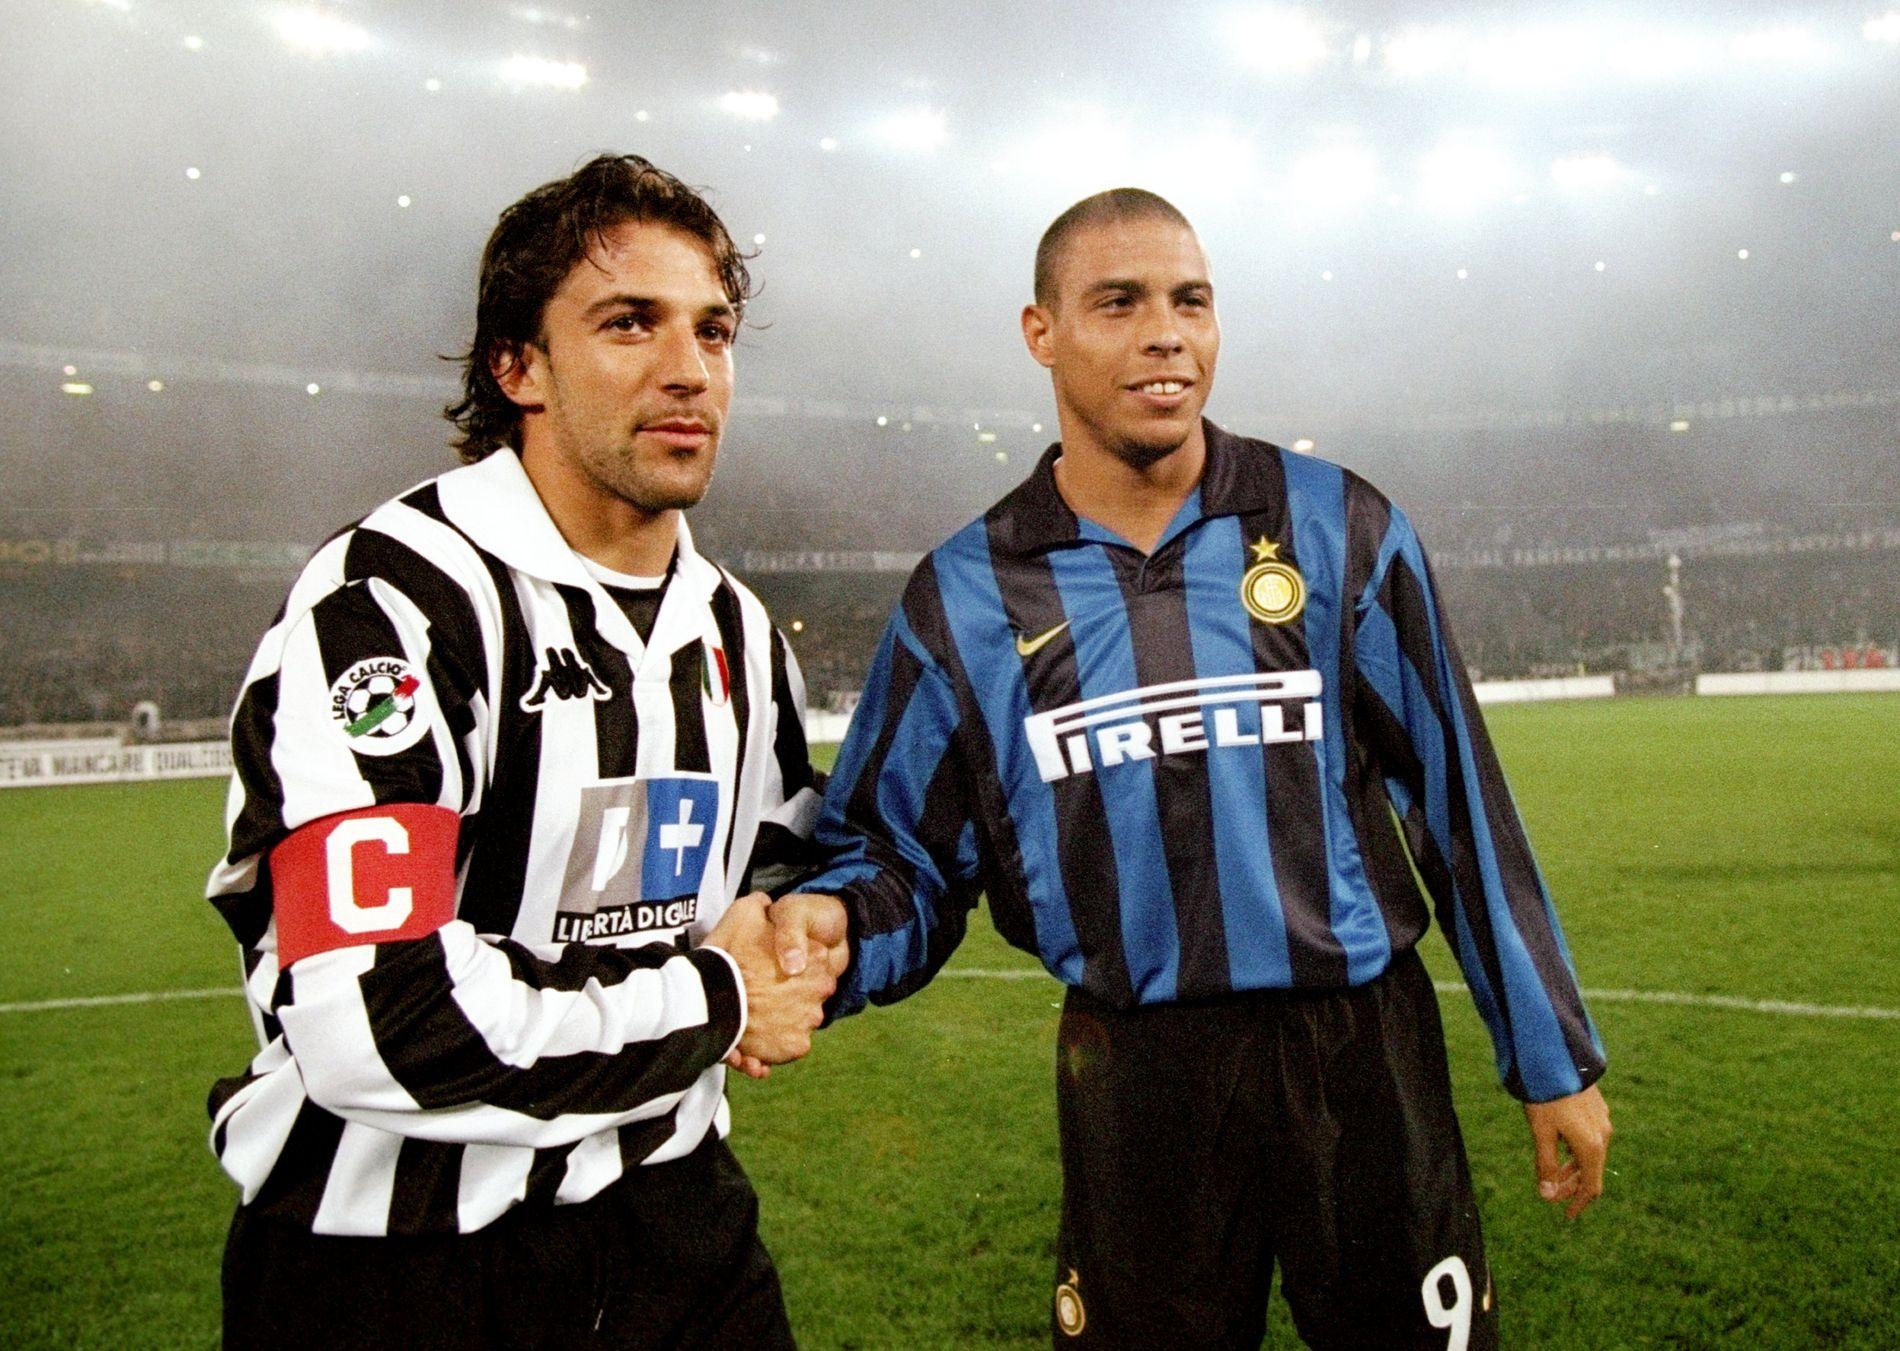 GENTLEMEN: Alessandro del Piero og Ronaldo – fenomenet – er idoler på hver sin side av Derby d'Italia.